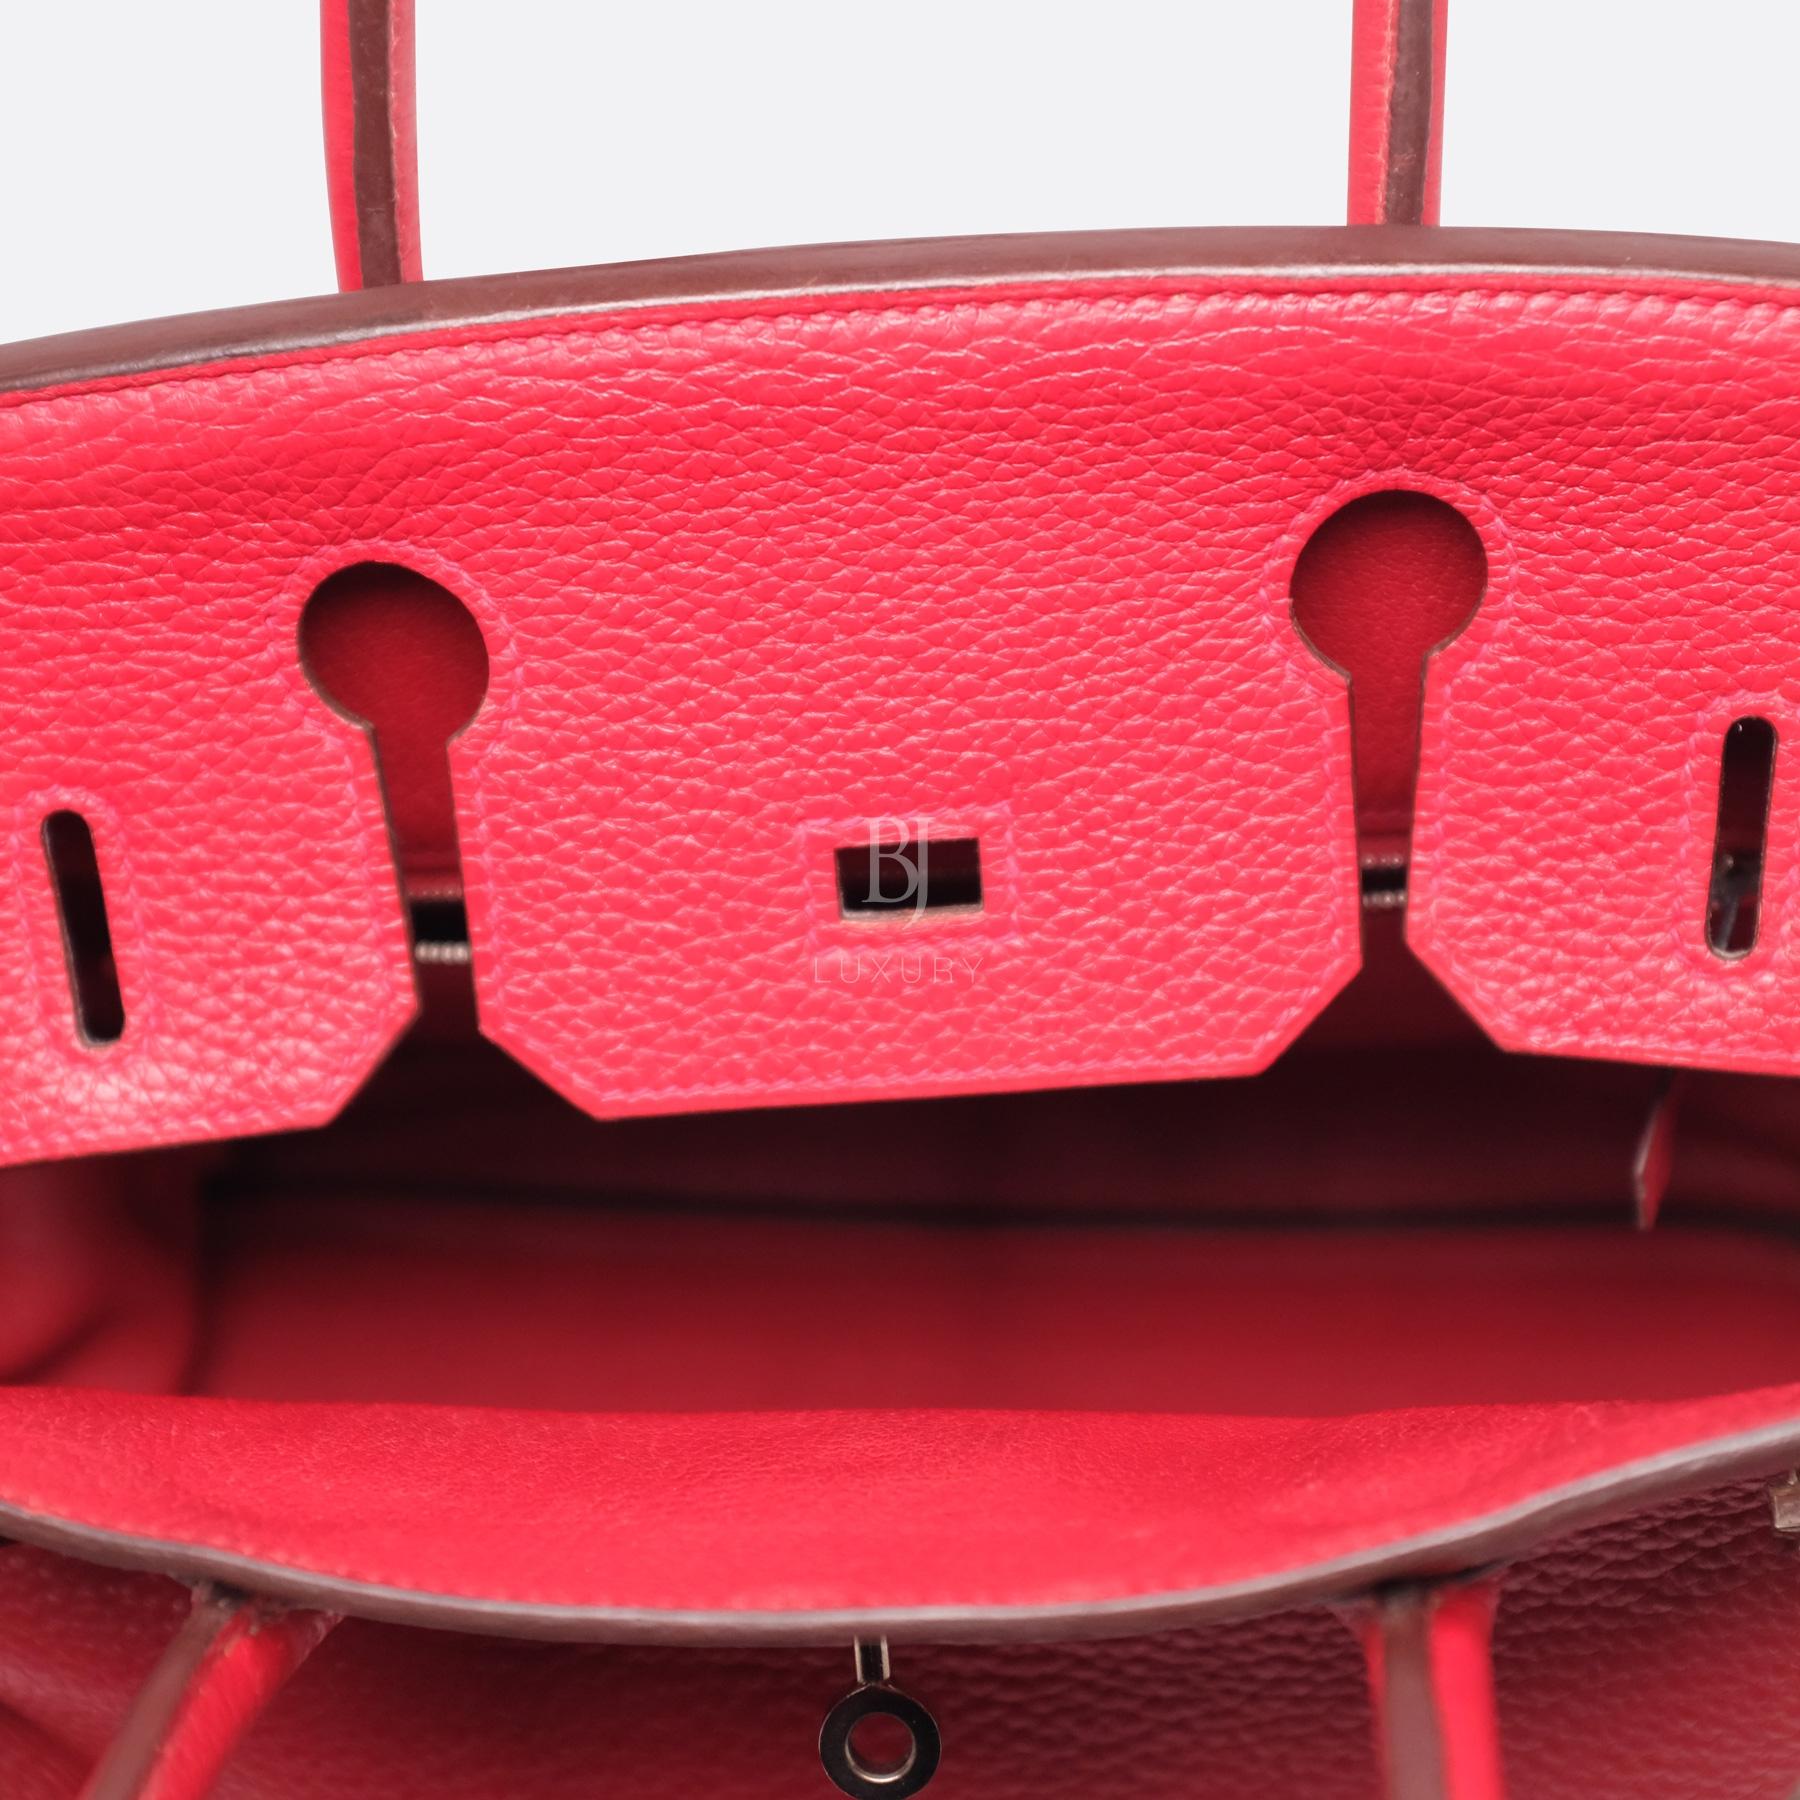 Hermes Birkin 30 Rouge Casaque Clemence Palladium BJ Luxury 6.jpg